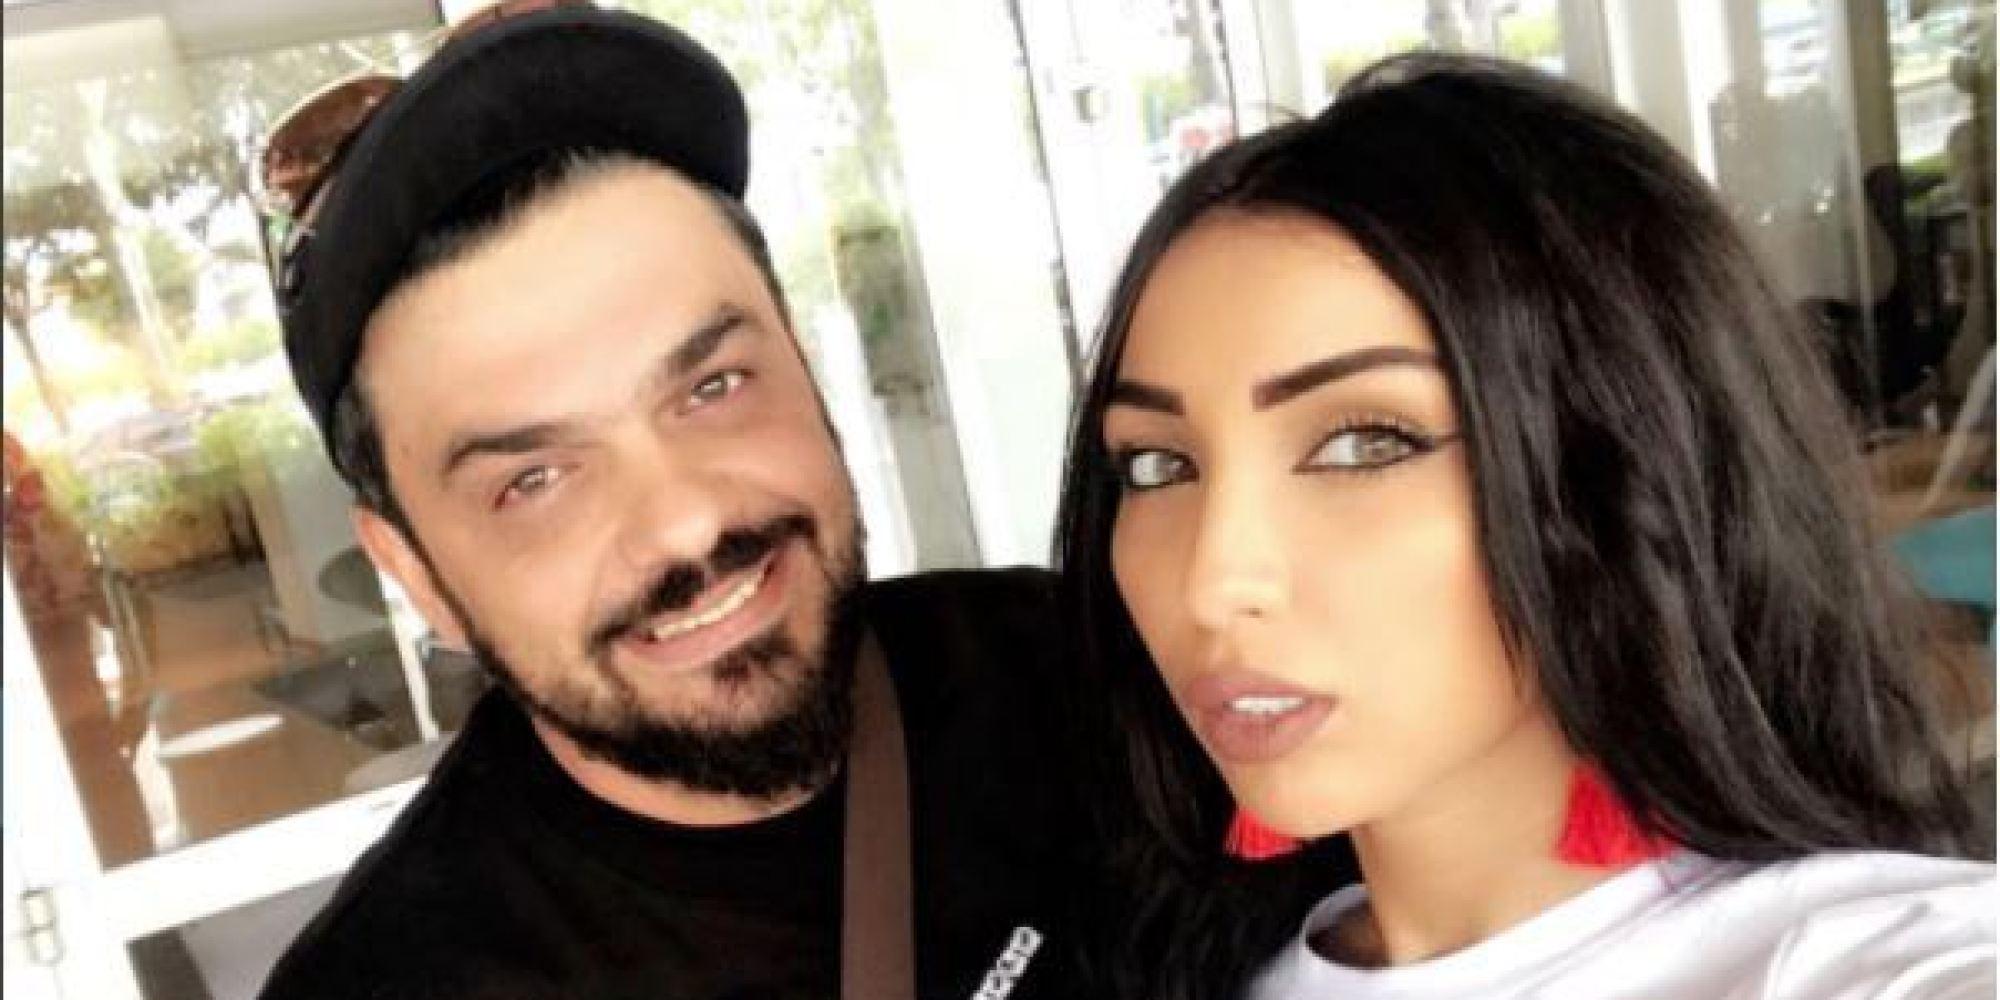 والد حلا الترك ينشر صورة لدنيا بطمة في الفراش.. ومتابعون يتهمونهما بالتمثيل.. شاهد